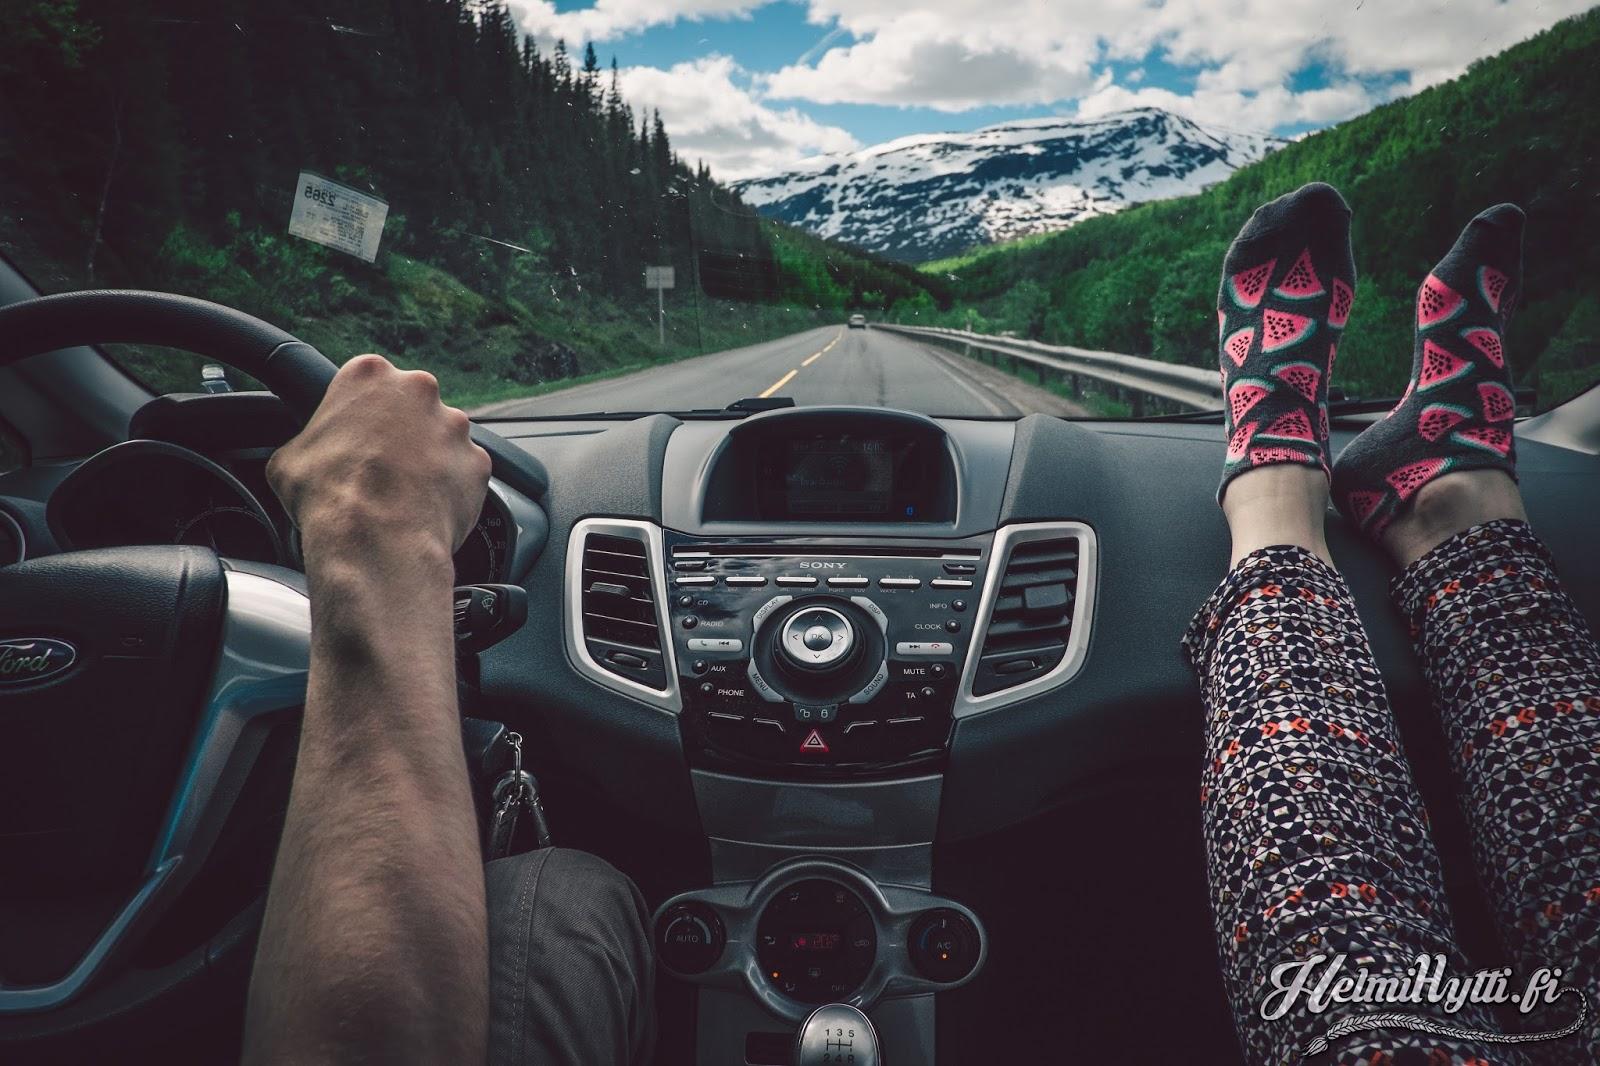 id norja roadtrip matkustus autolla vinkkejä